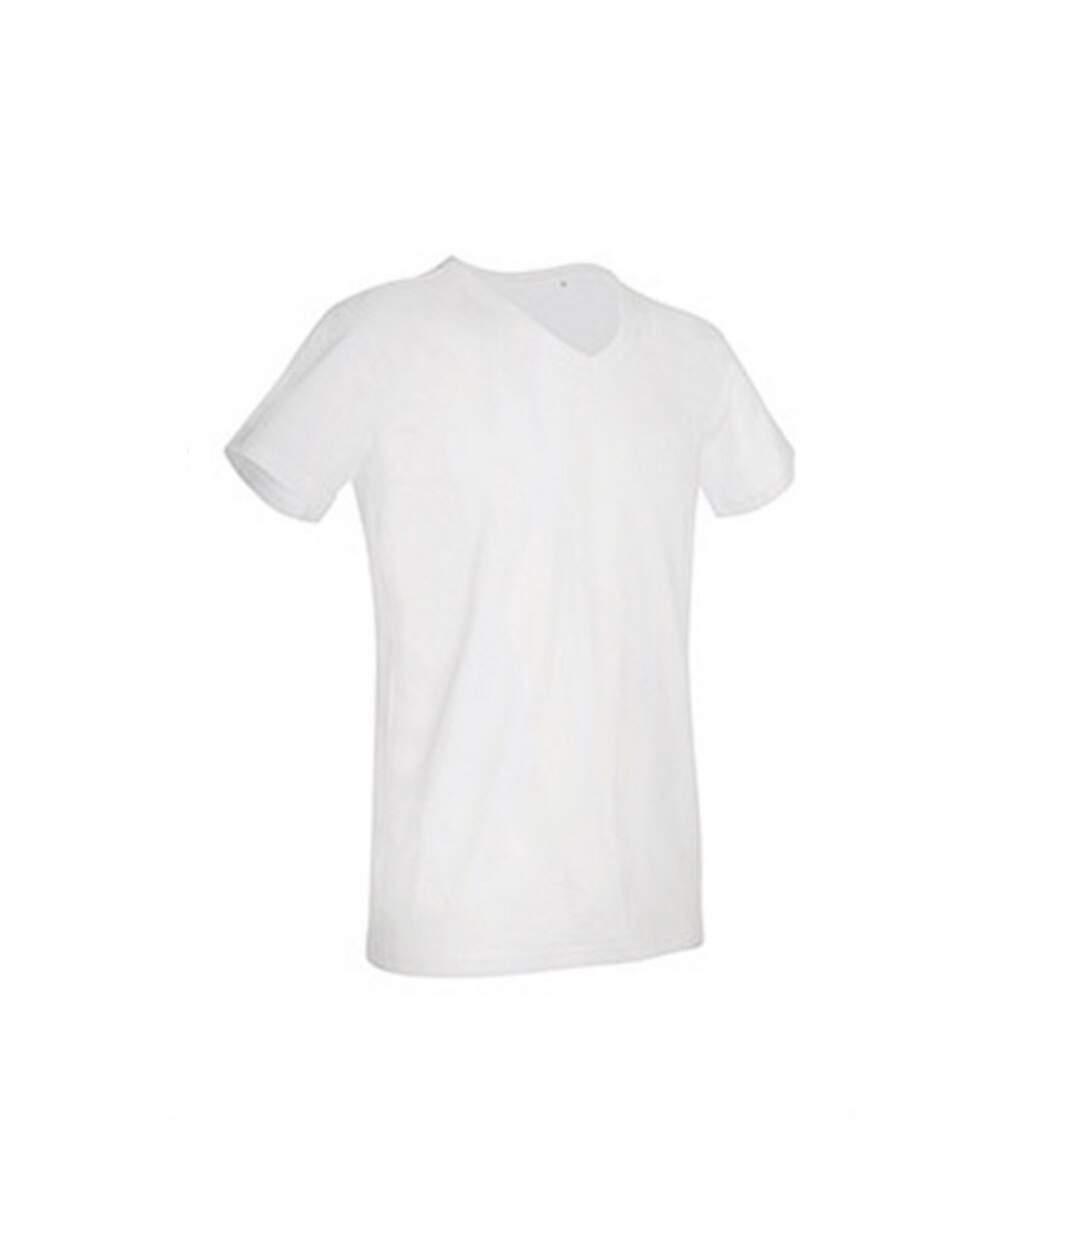 Stedman Mens Ben V Neck Tee (White) - UTAB356